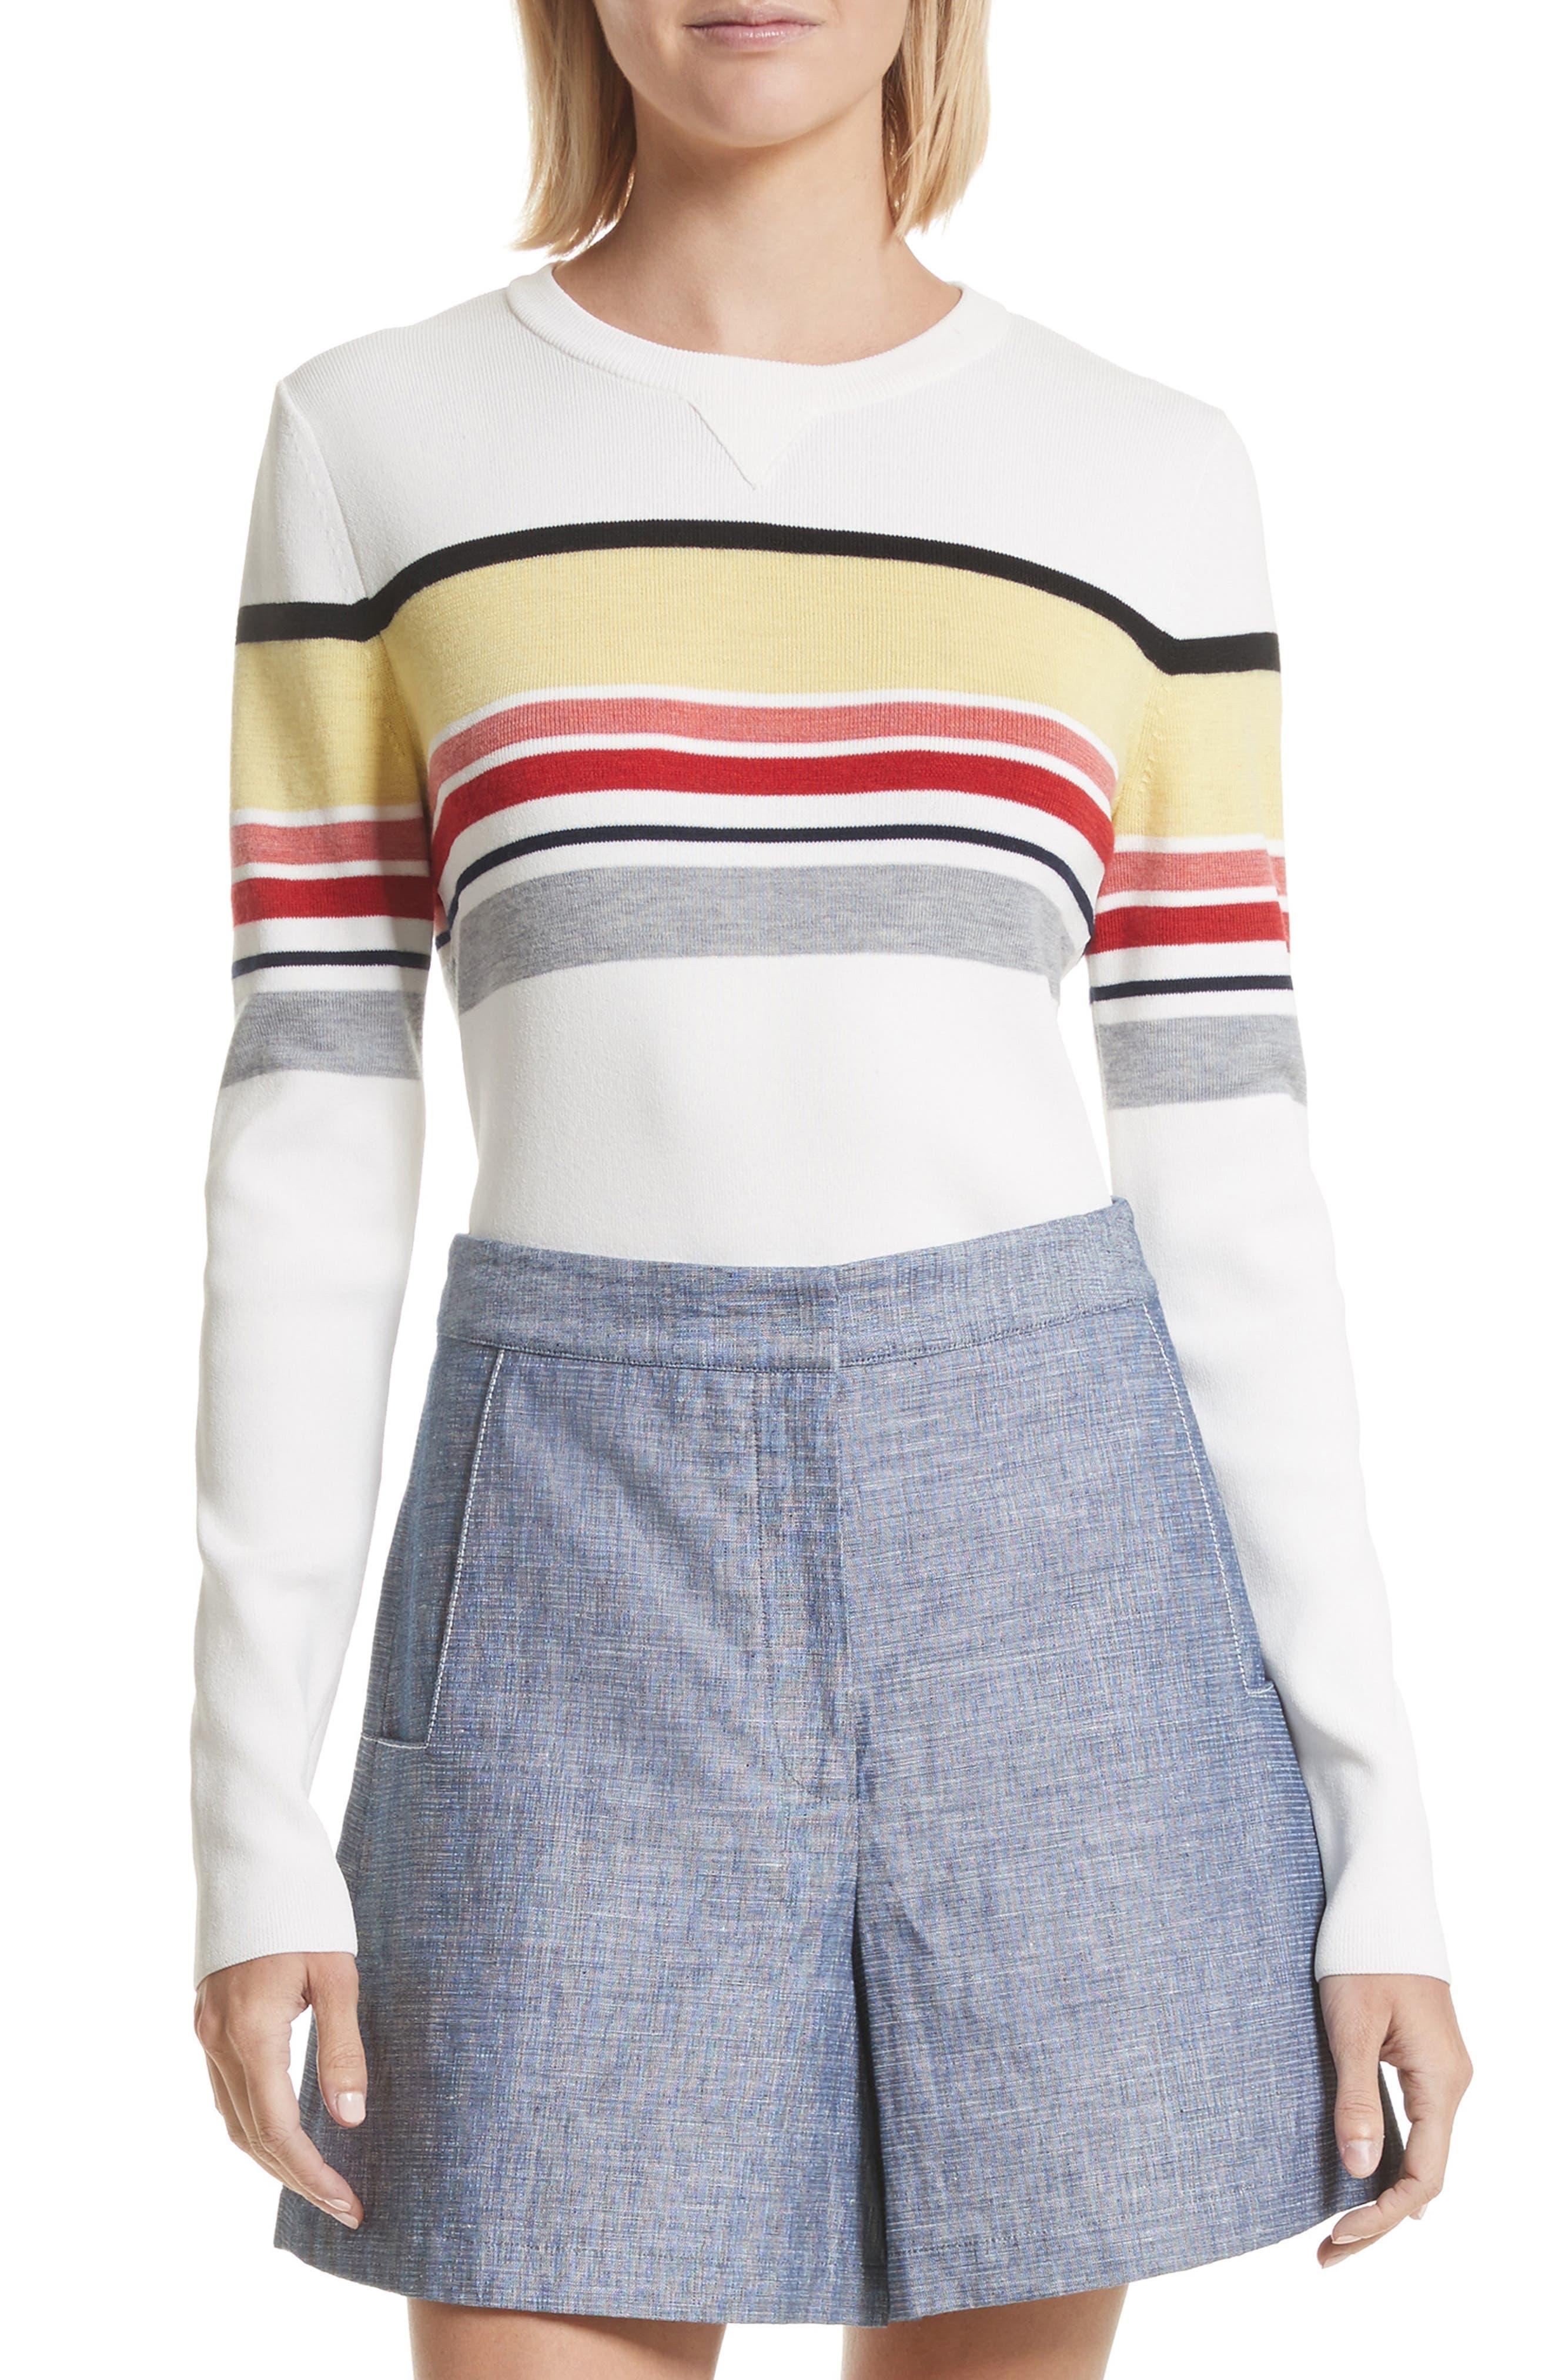 GREY Jason Wu Stripe Sweater